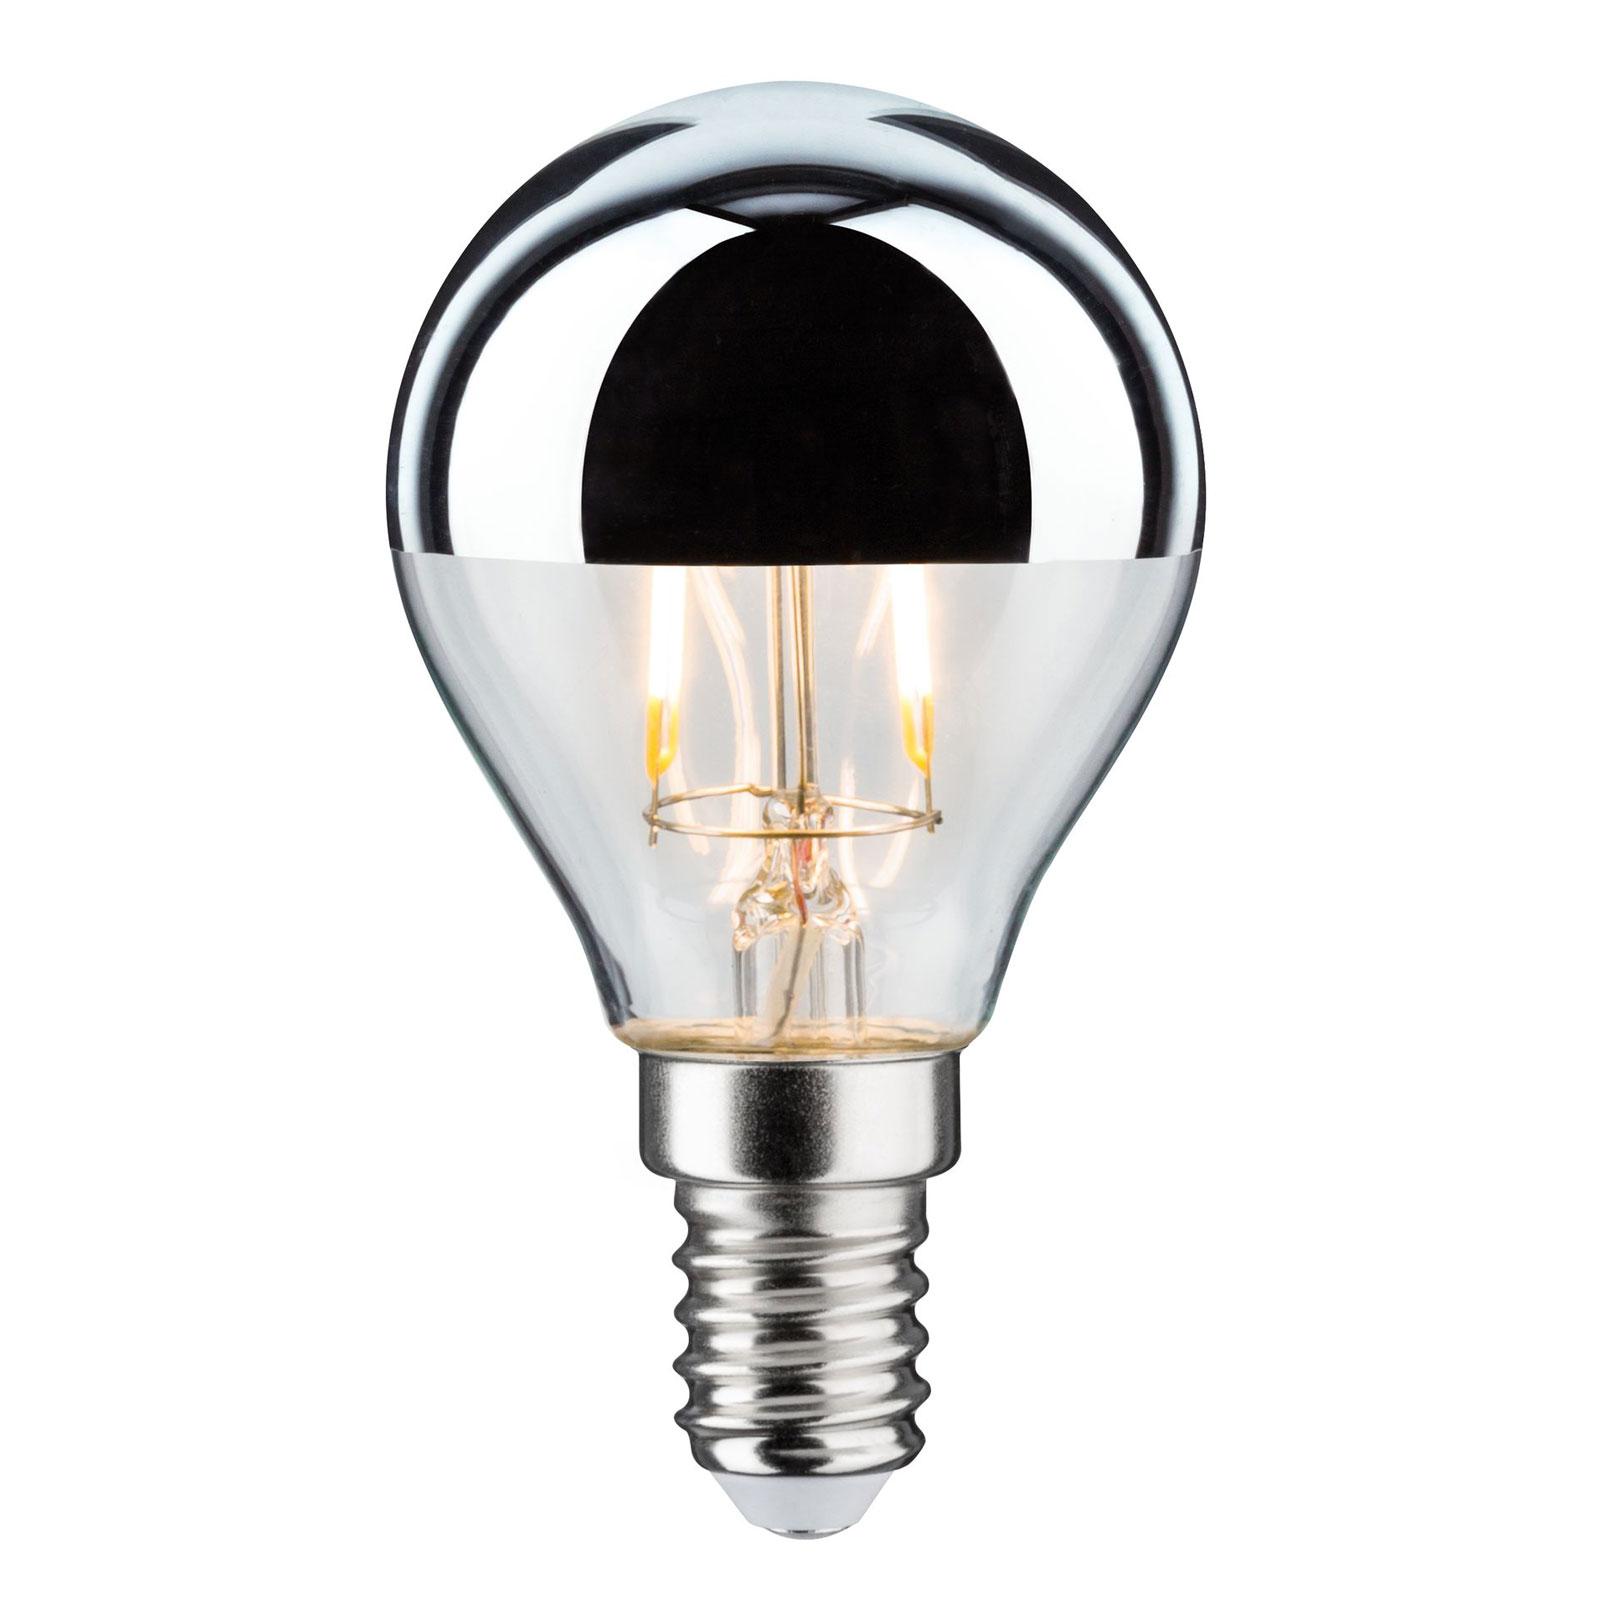 LED-pære E14 827 dråbe, topforspejlet, sølv 2,6W